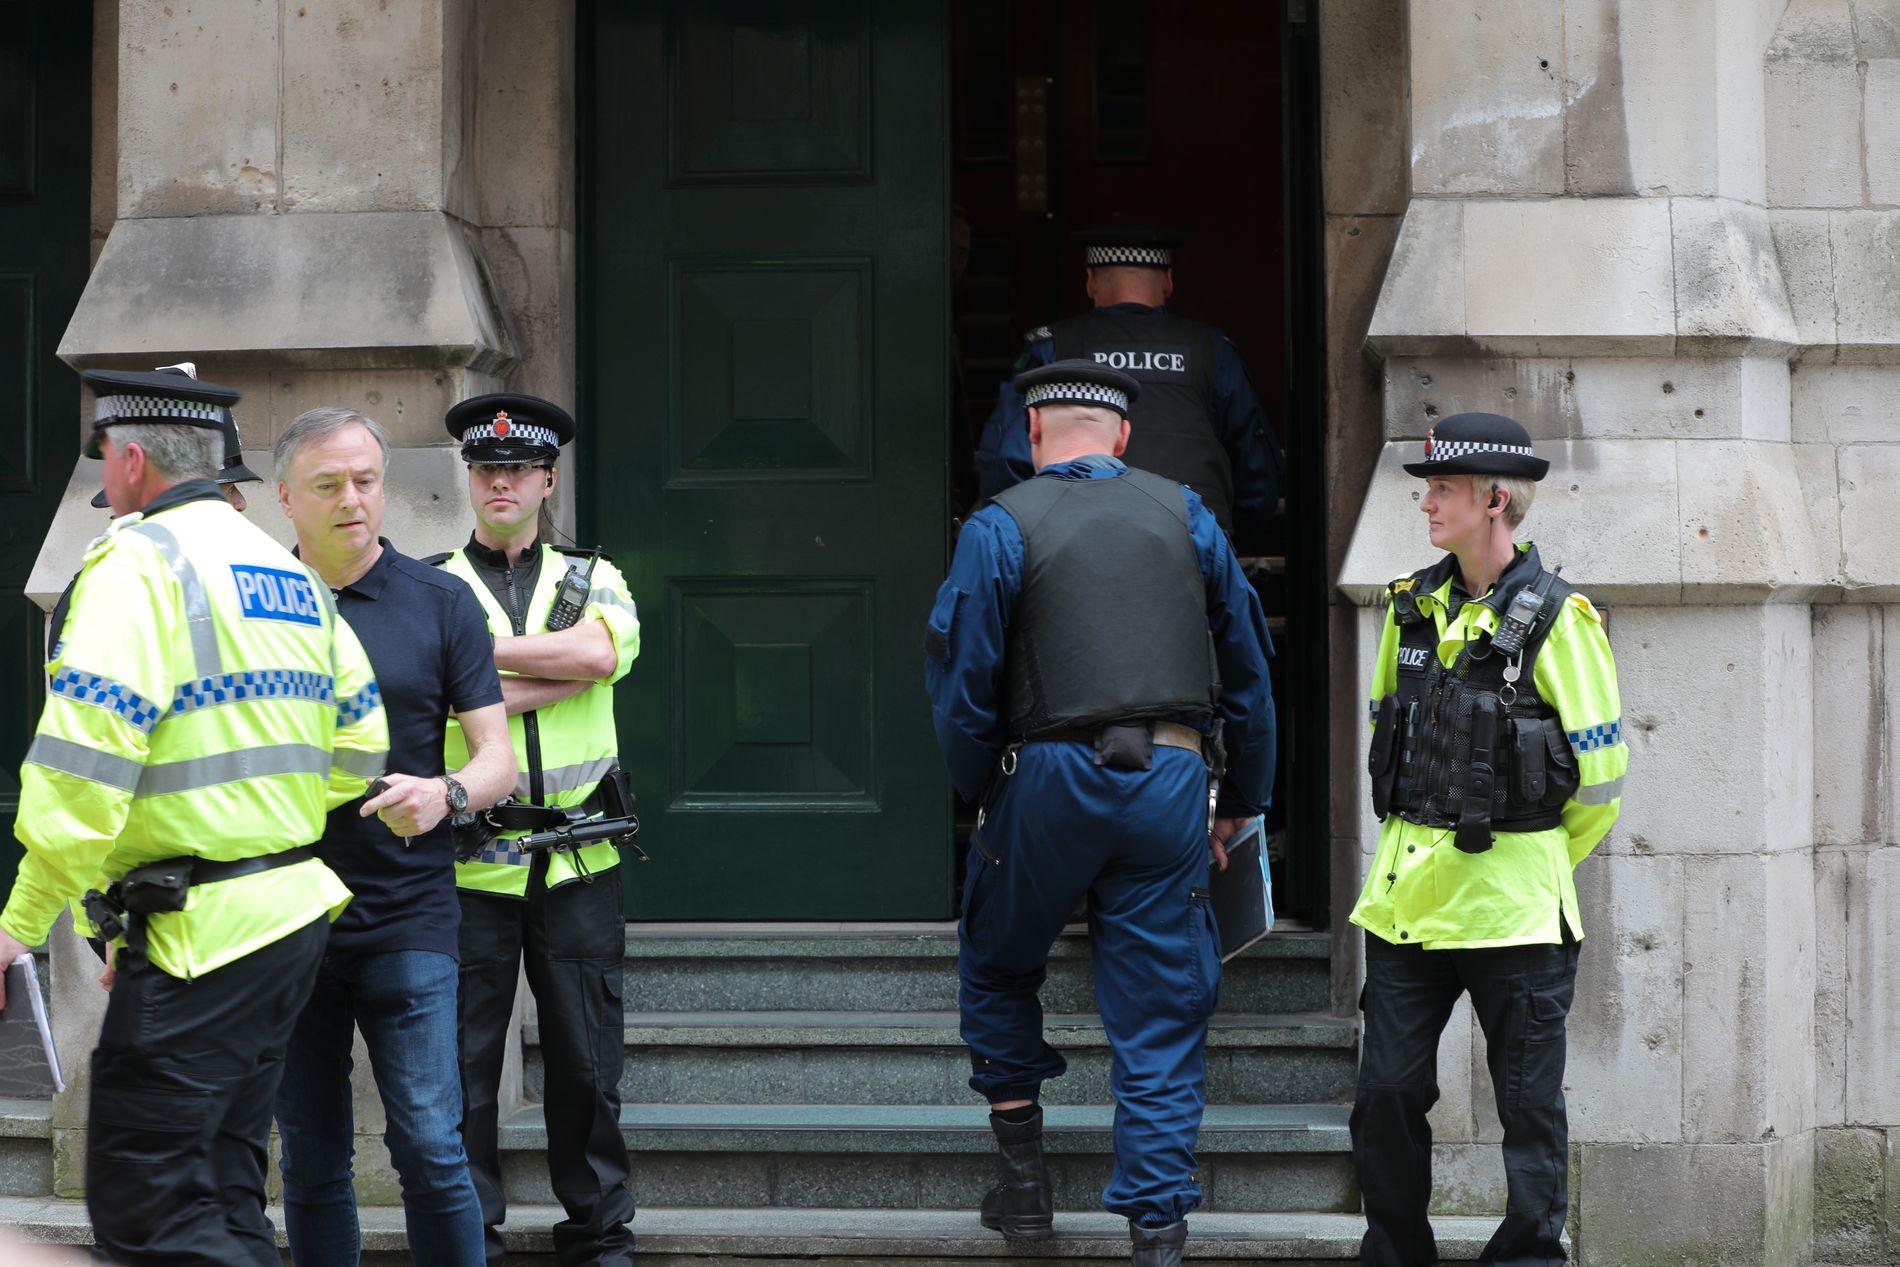 SLO TIL MOT LEILIGHET: Politiet gikk i dag inn i dette bygget på Granby Row og slo ned døren til en leilighet.